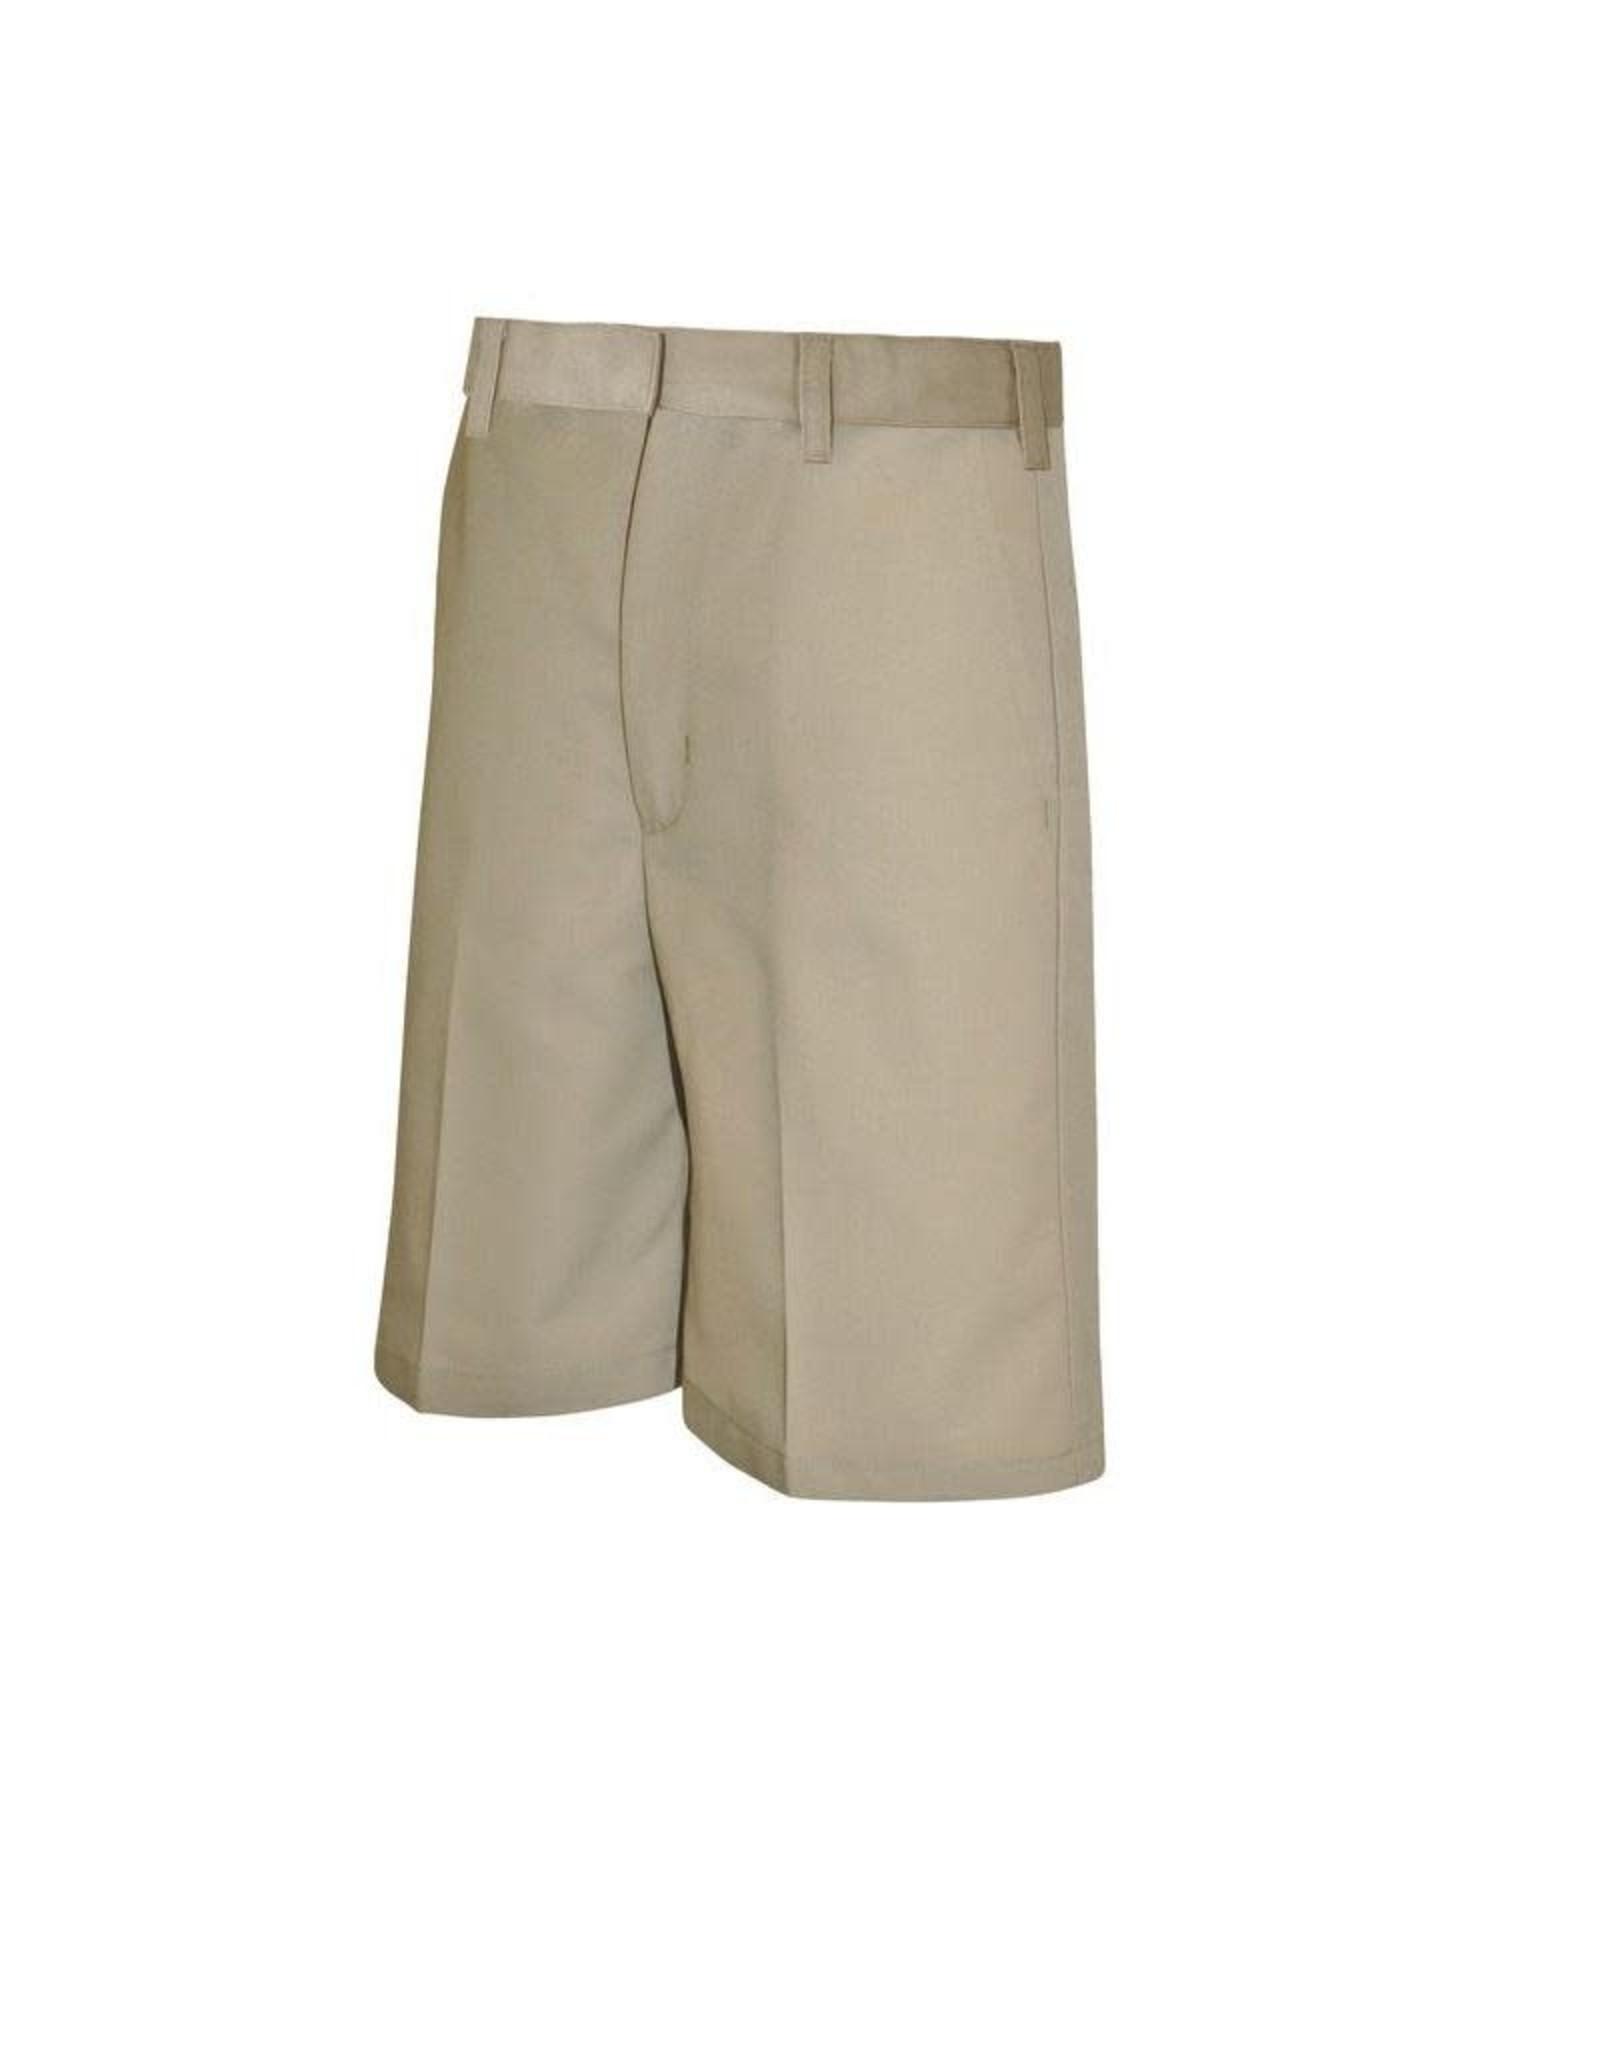 UNIFORM Sale-Boys/Mens Khaki Shorts-Final Sale